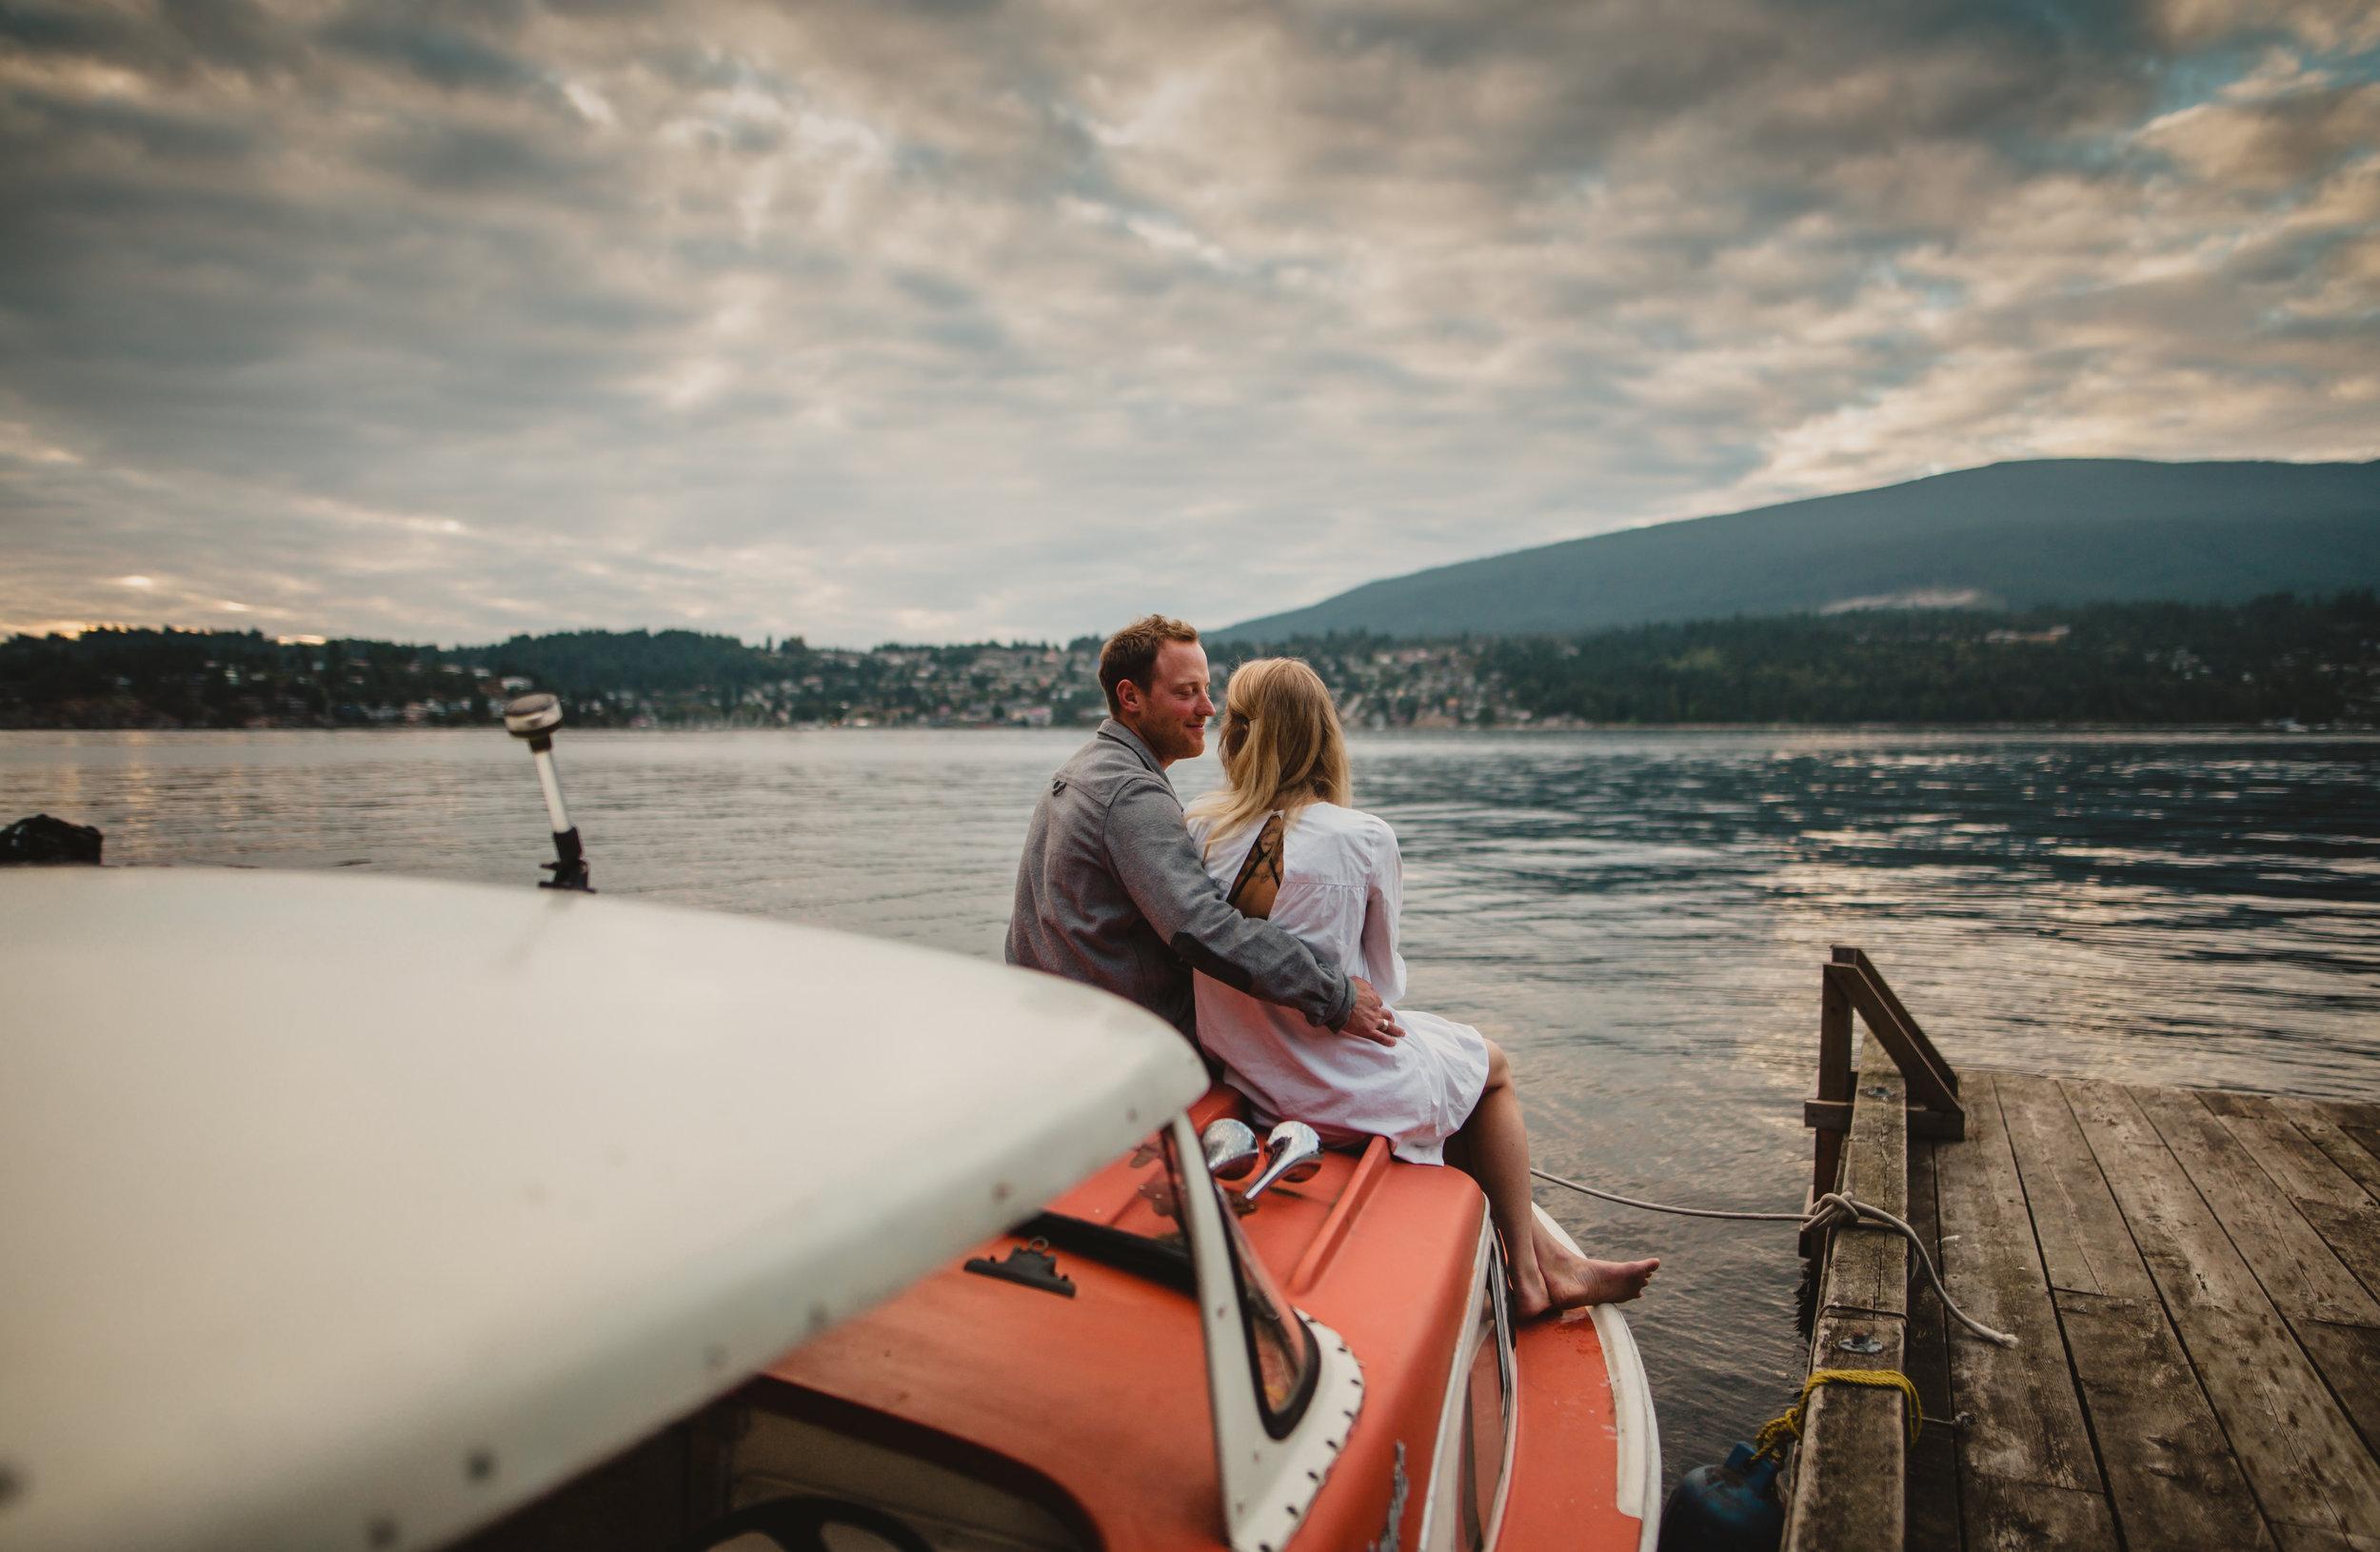 Keats Island Engagement Photos - Sunshine Coast Engagement Photos - Sunshine Coast Wedding Photographer - Vancovuer Wedding Photographer - Jennifer Picard Photography - IMG_3319.jpg